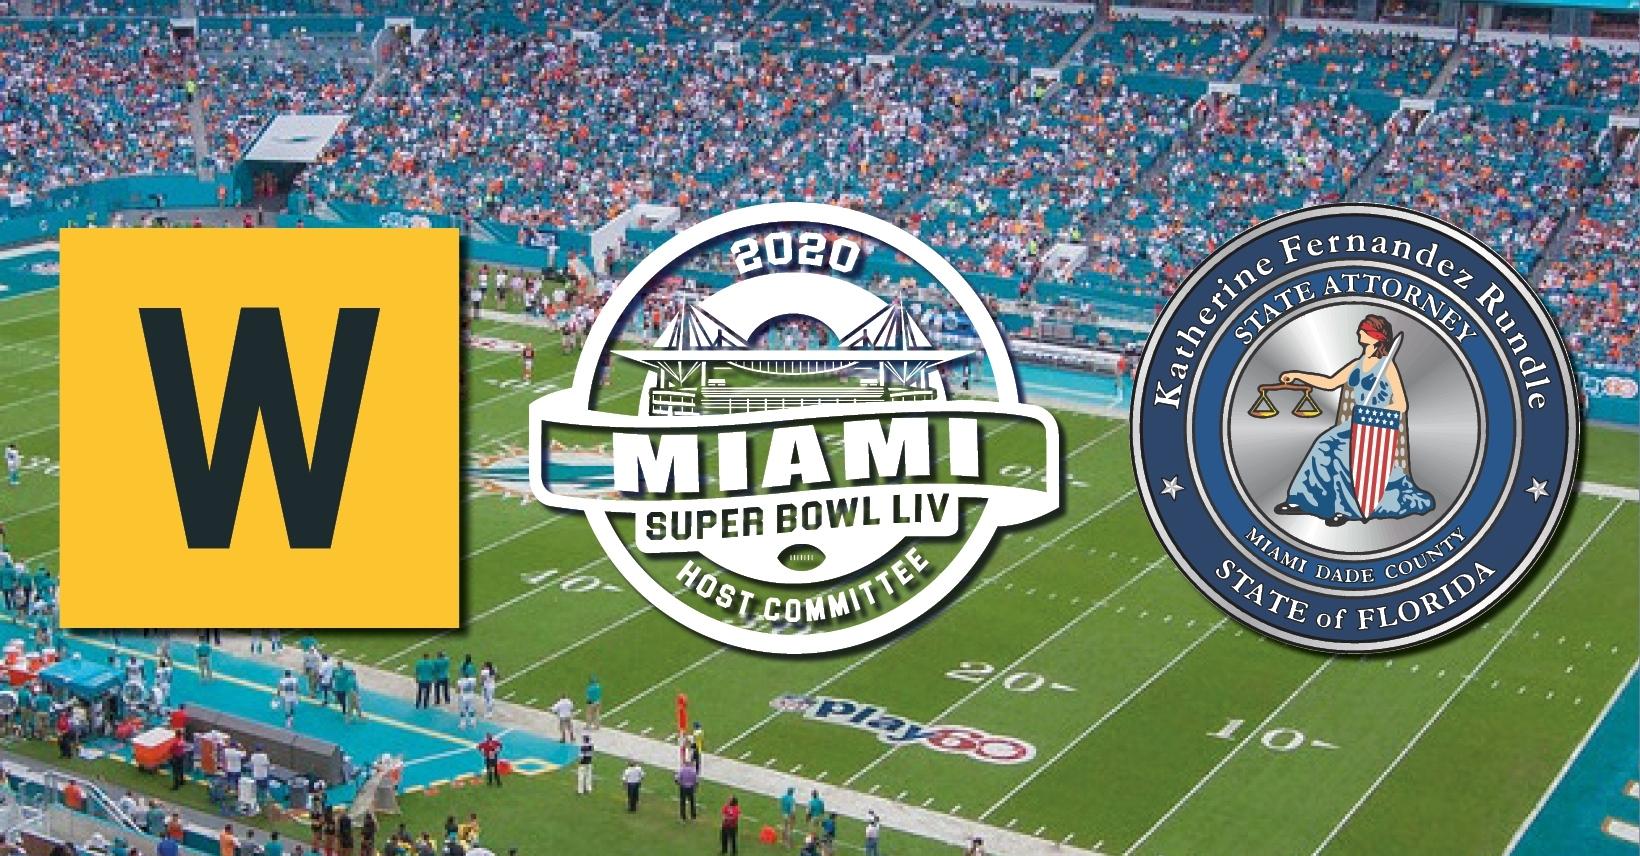 Super Bowl Liv Comes To Miami In 2020 - The Women's Fund regarding Super Bowl Miami 2019